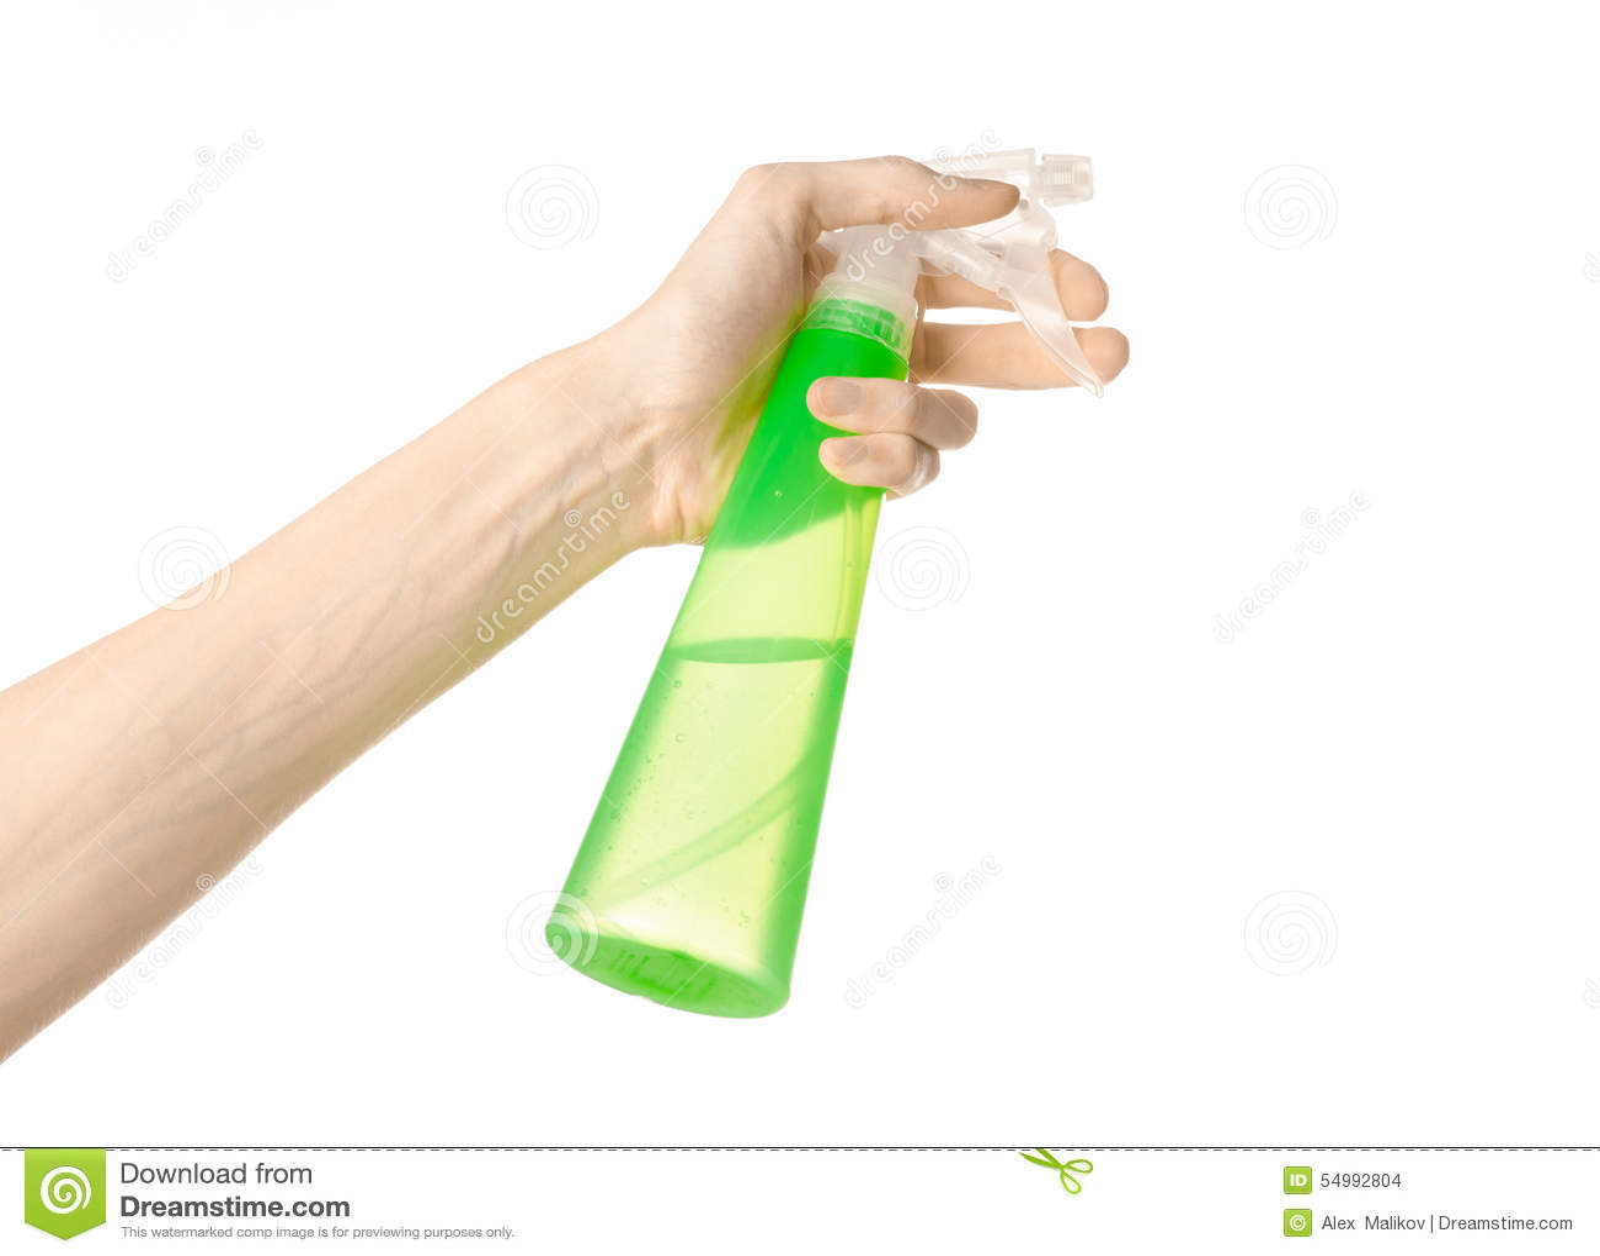 Göra ren hus- och rengöringsmedeltemat: mans hand som rymmer en grön sprejflaska för att göra ren isolerad på en vit bakgrund